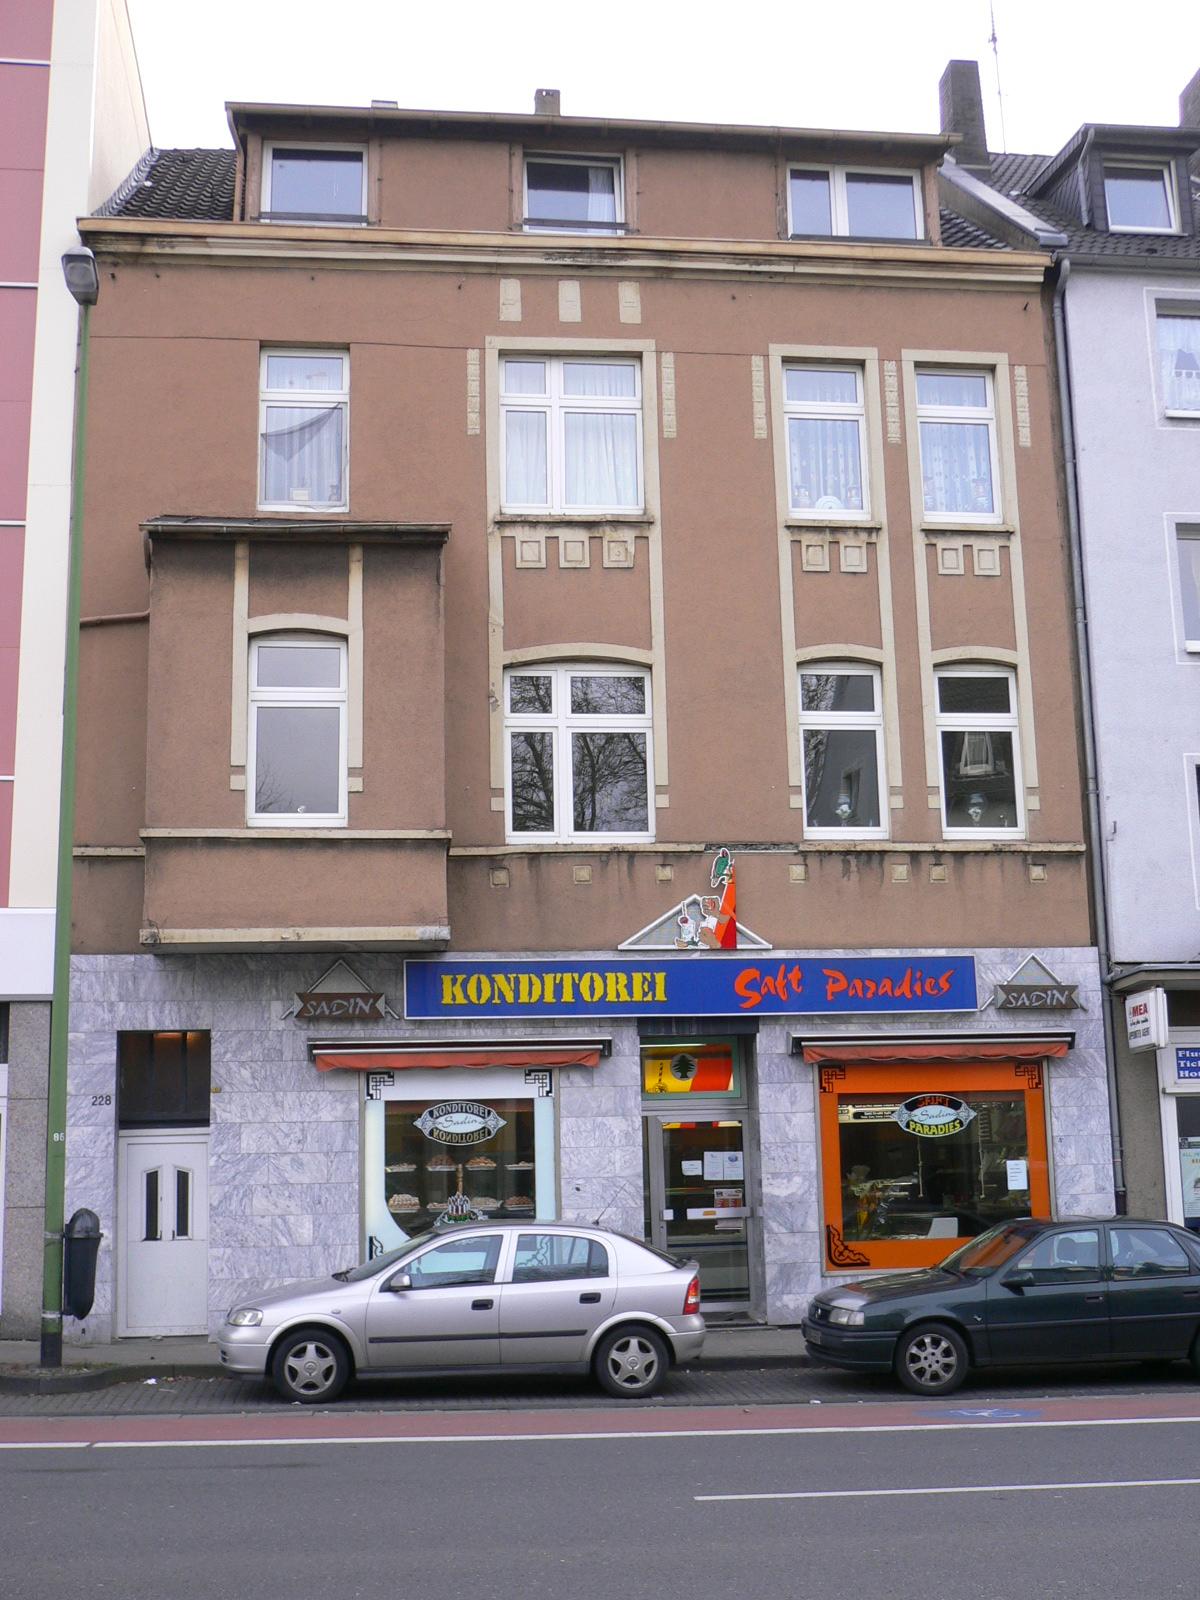 Altenessener Str. 228, Essen